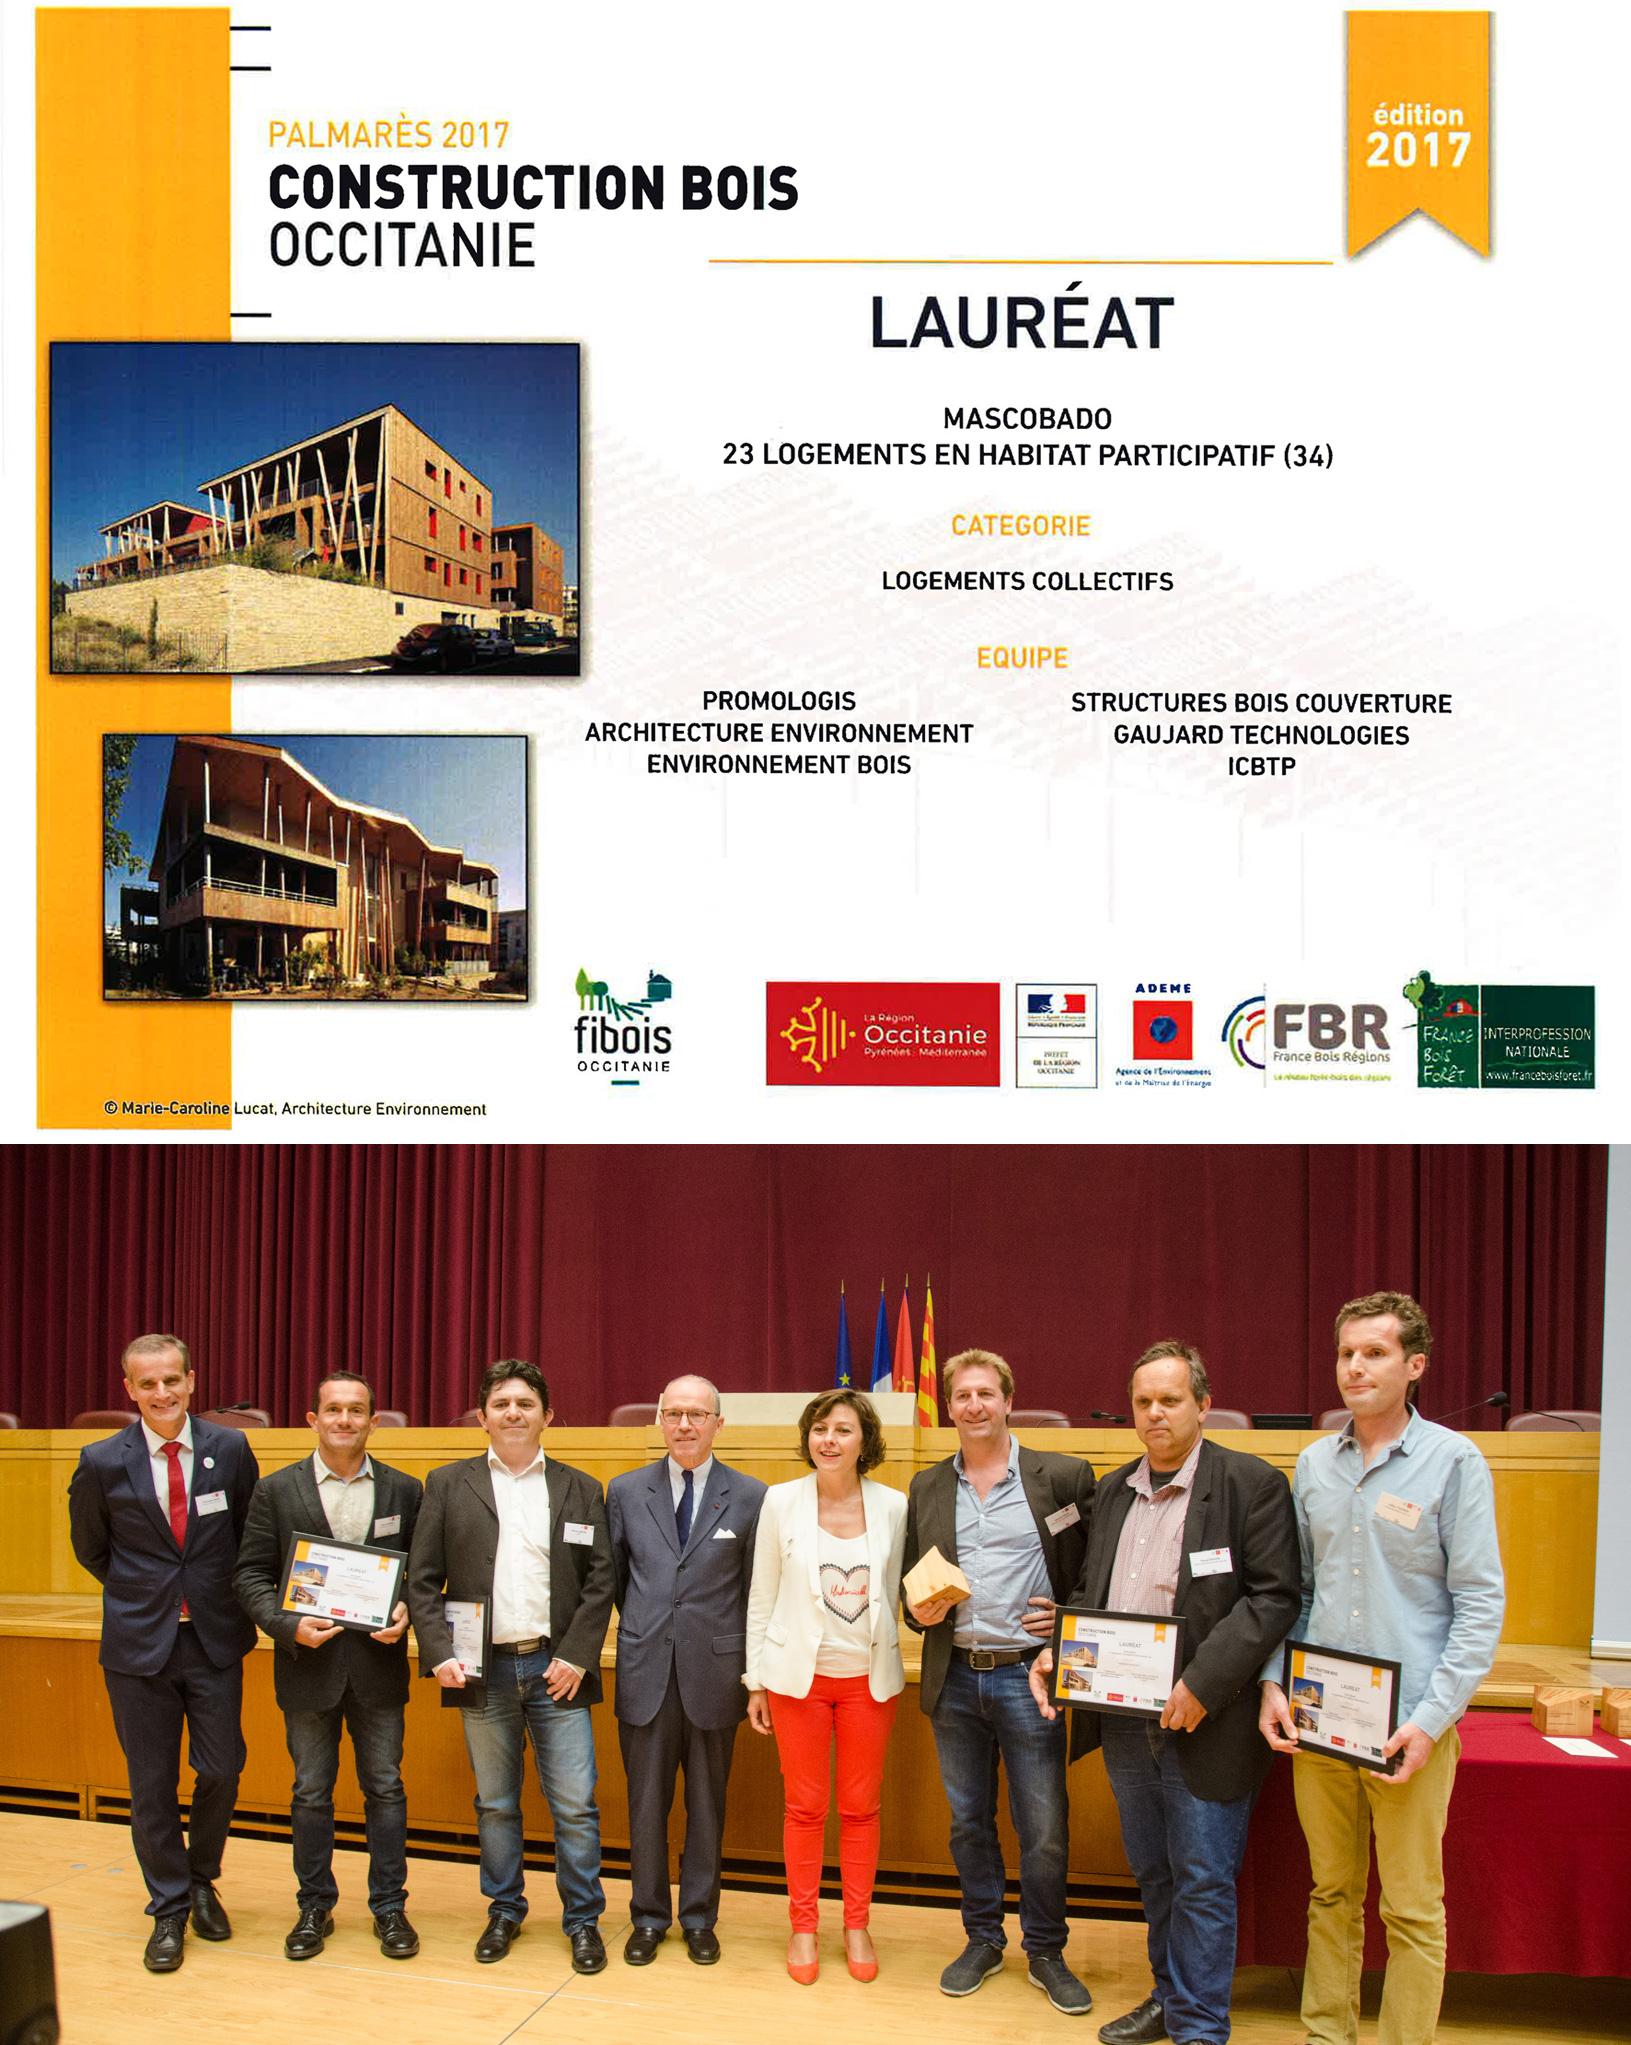 Lauréat du Palmarès Construction Bois Occitanie 2017 pour la réalisation de Mascobado, 23 logements en habitat participatif à Montpellier.